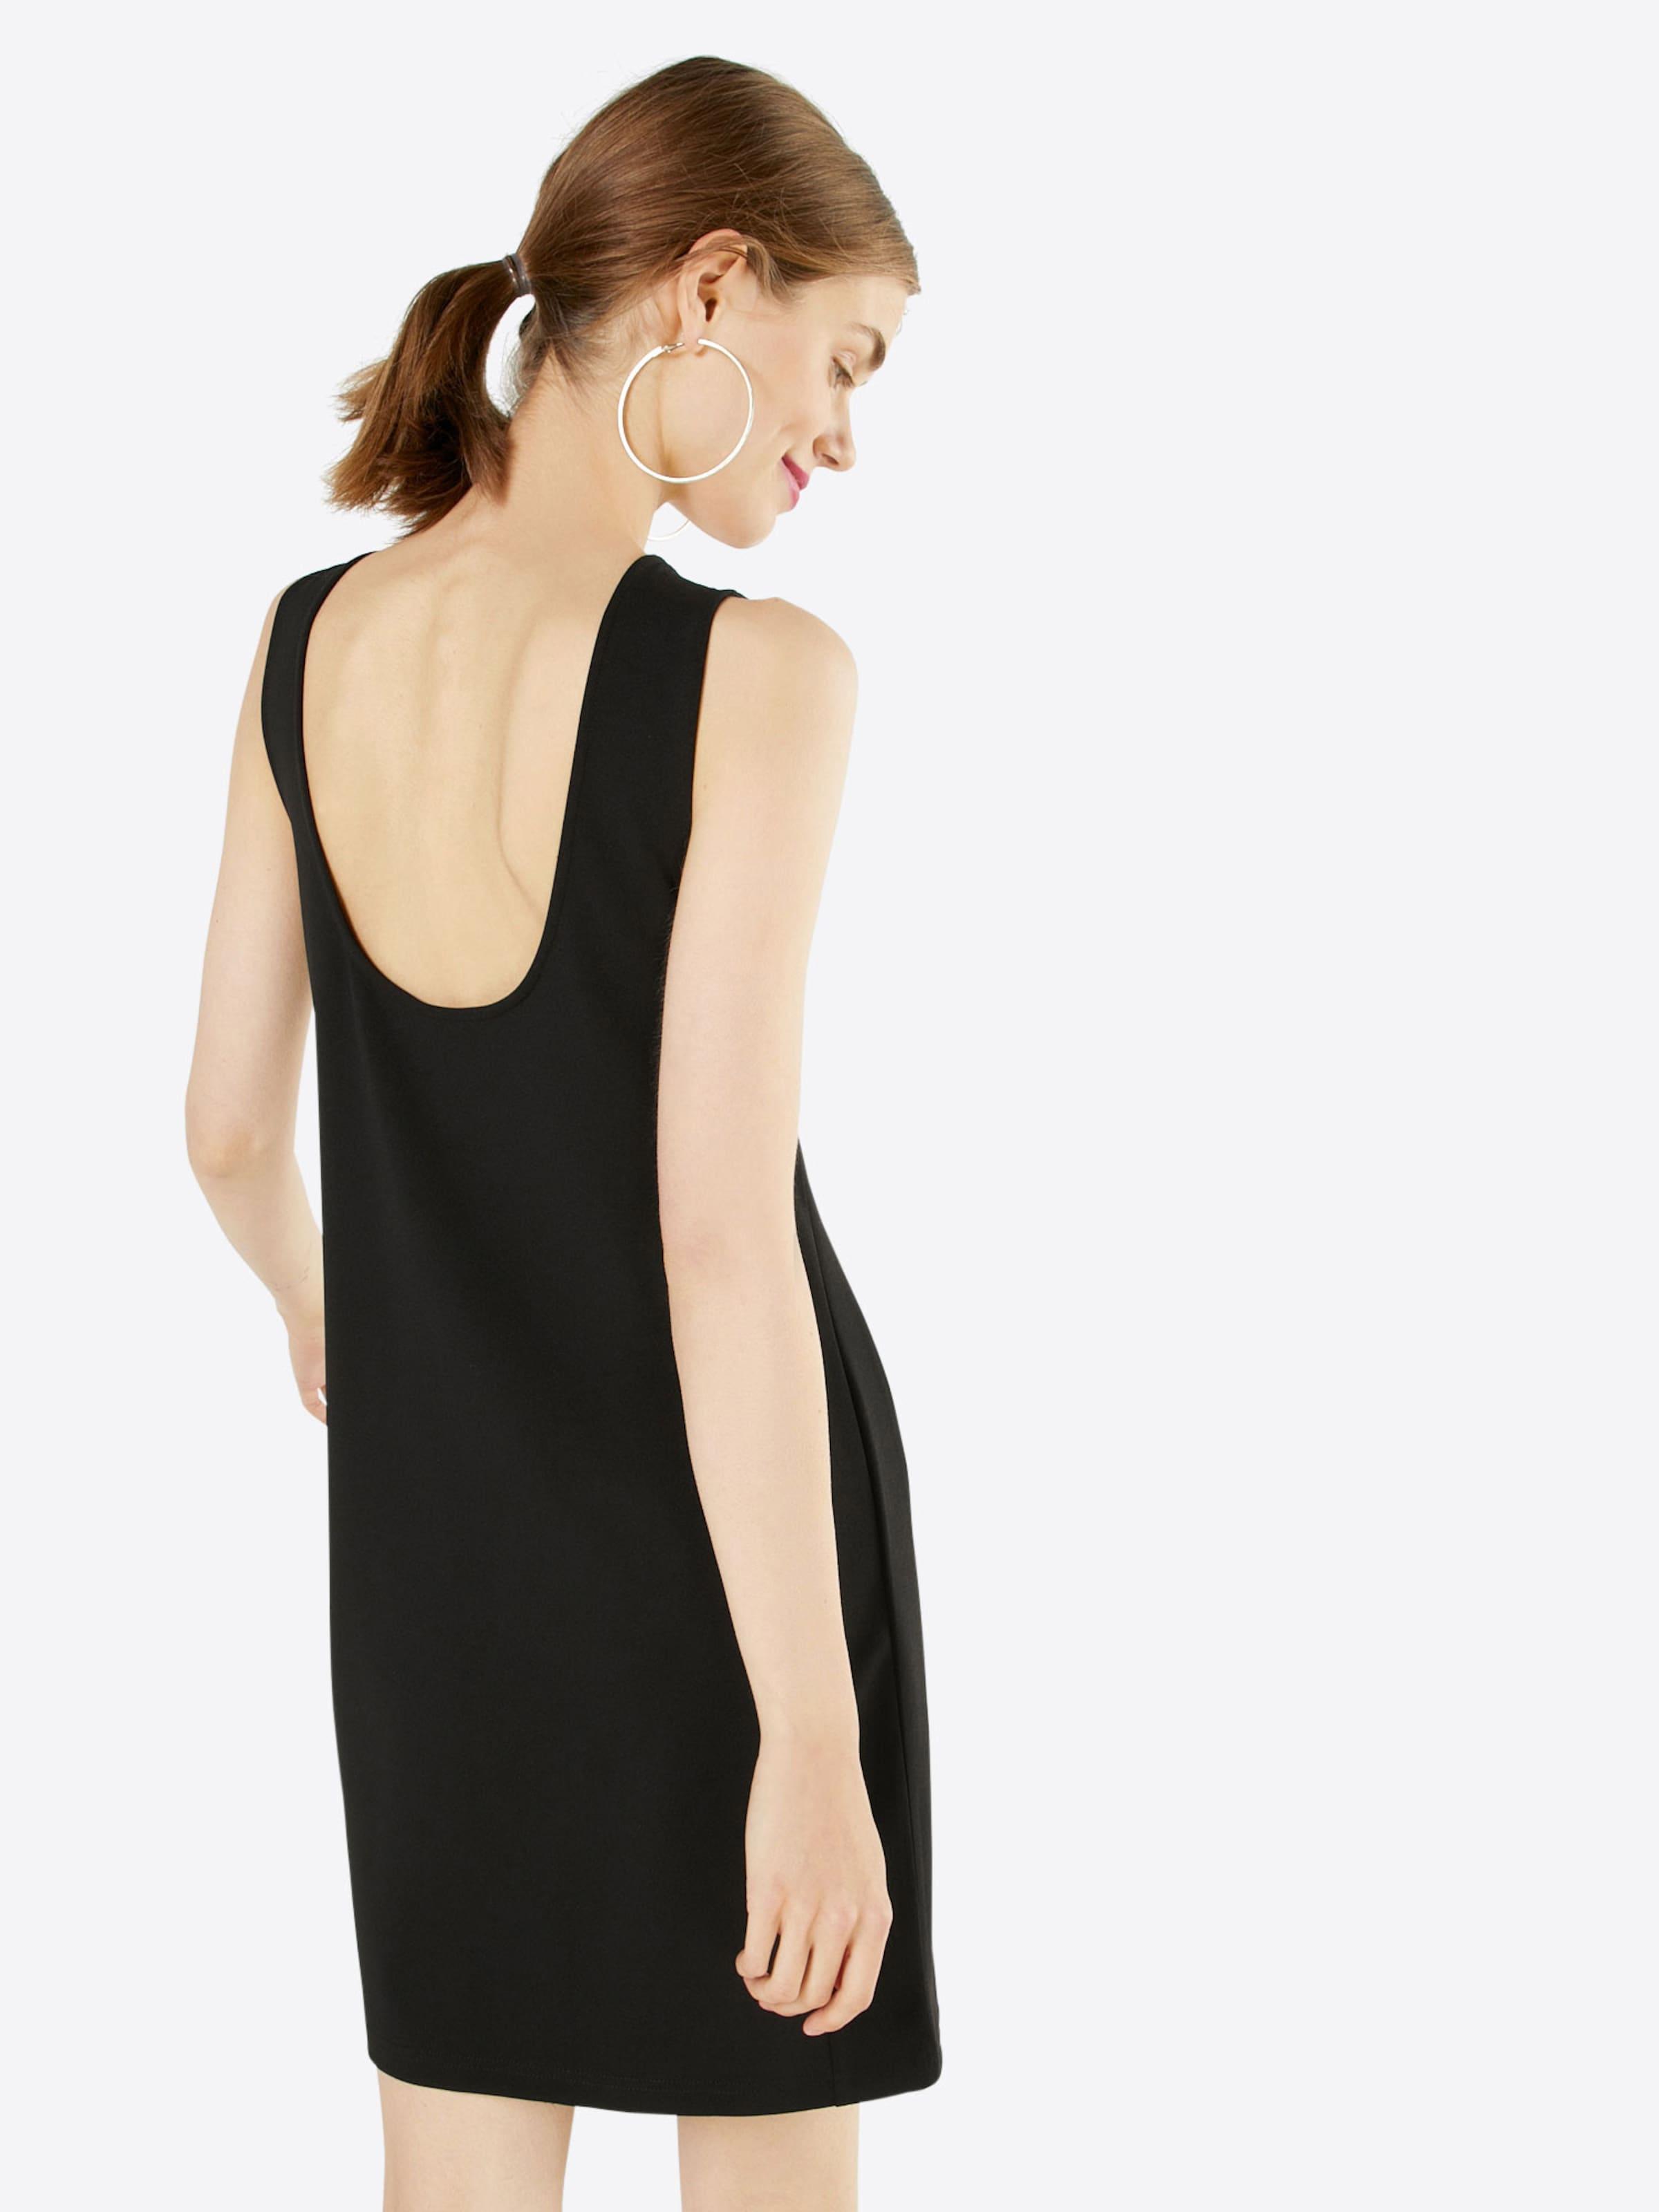 Limited Edition Günstiger Preis JACQUELINE de YONG Kleid 'JDYSAINT' Verkauf Neuer  Verkaufsschlager yRq9W0